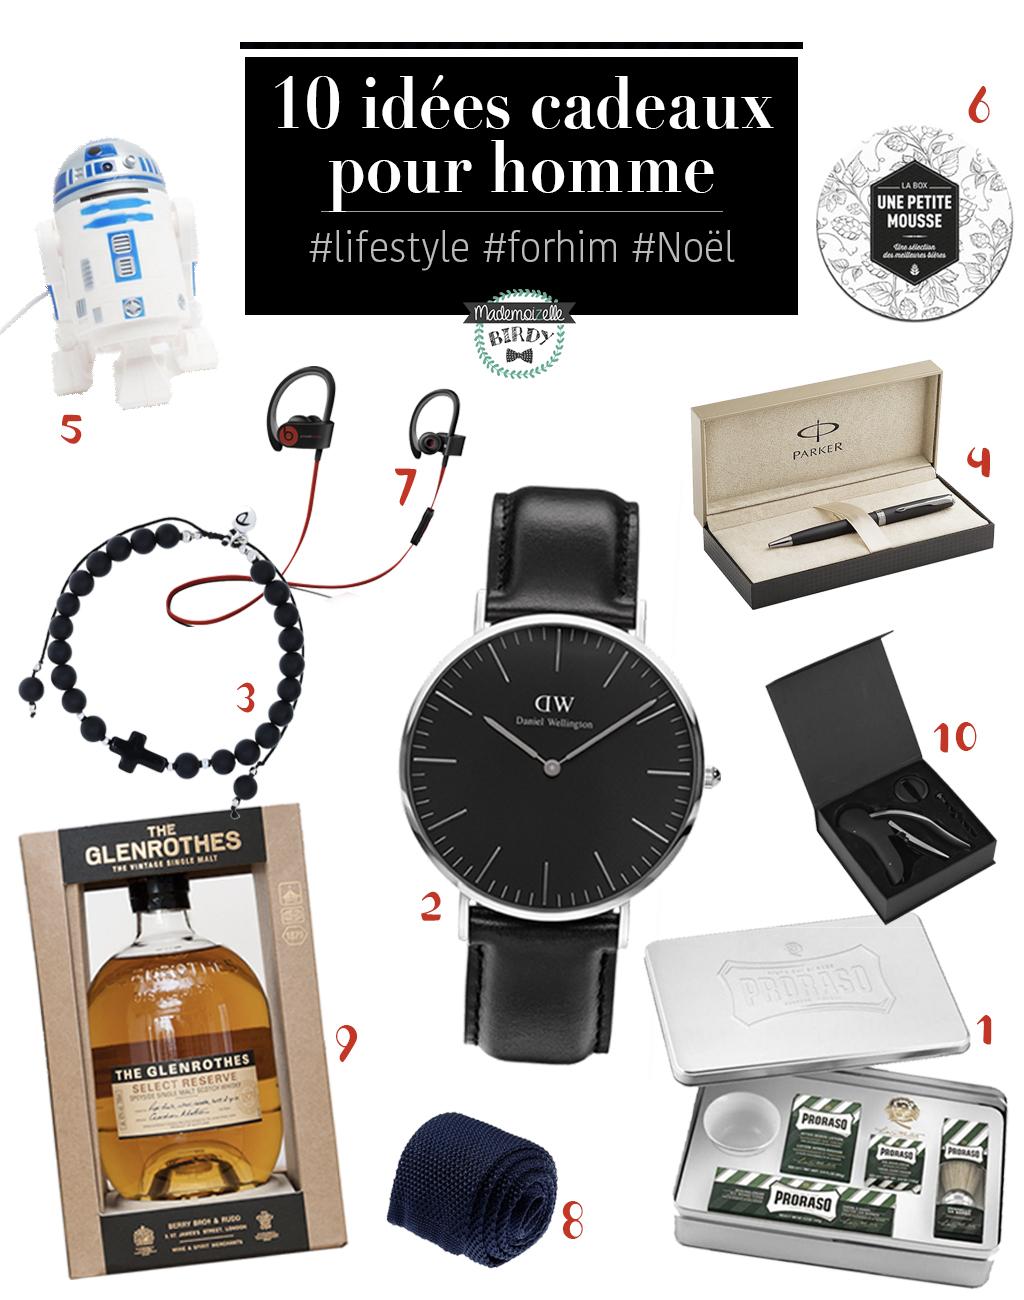 Idee cadeau de noel pour mon homme   Airship paris.fr